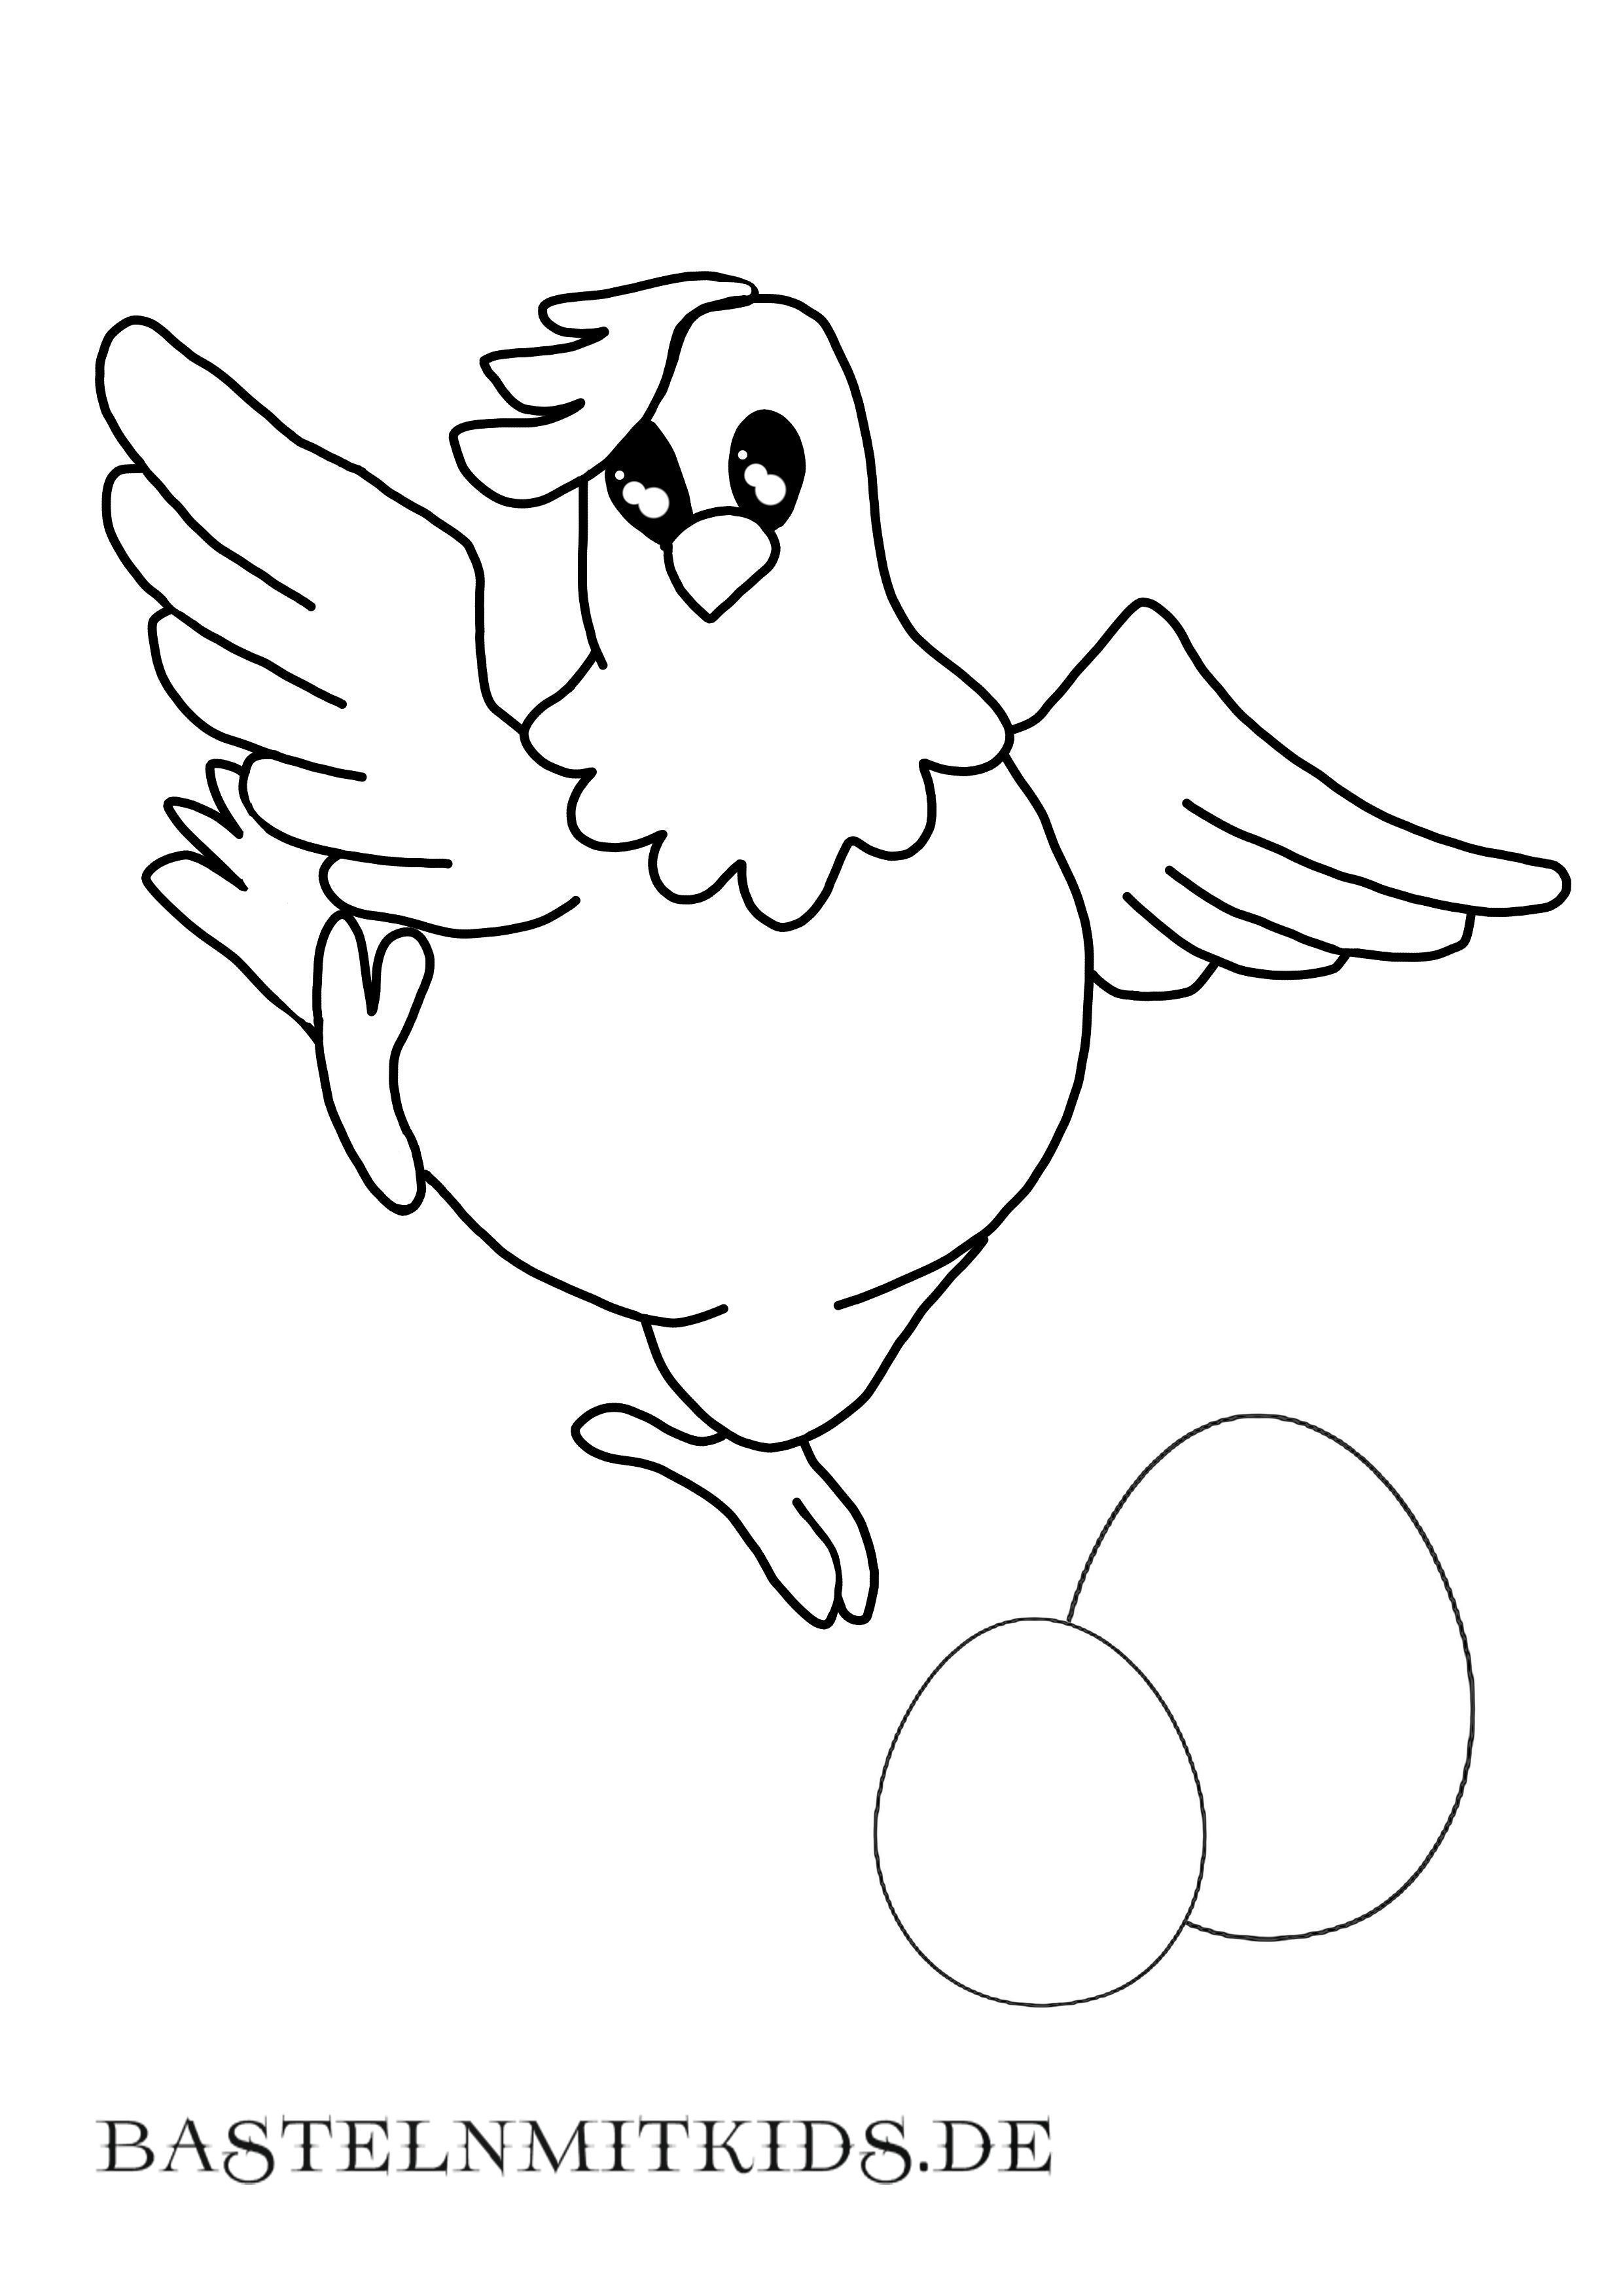 Frohe Ostern Bilder Zum Ausmalen Inspirierend 28 Schön Frohe Ostern Ausmalbilder Mickeycarrollmunchkin Bild